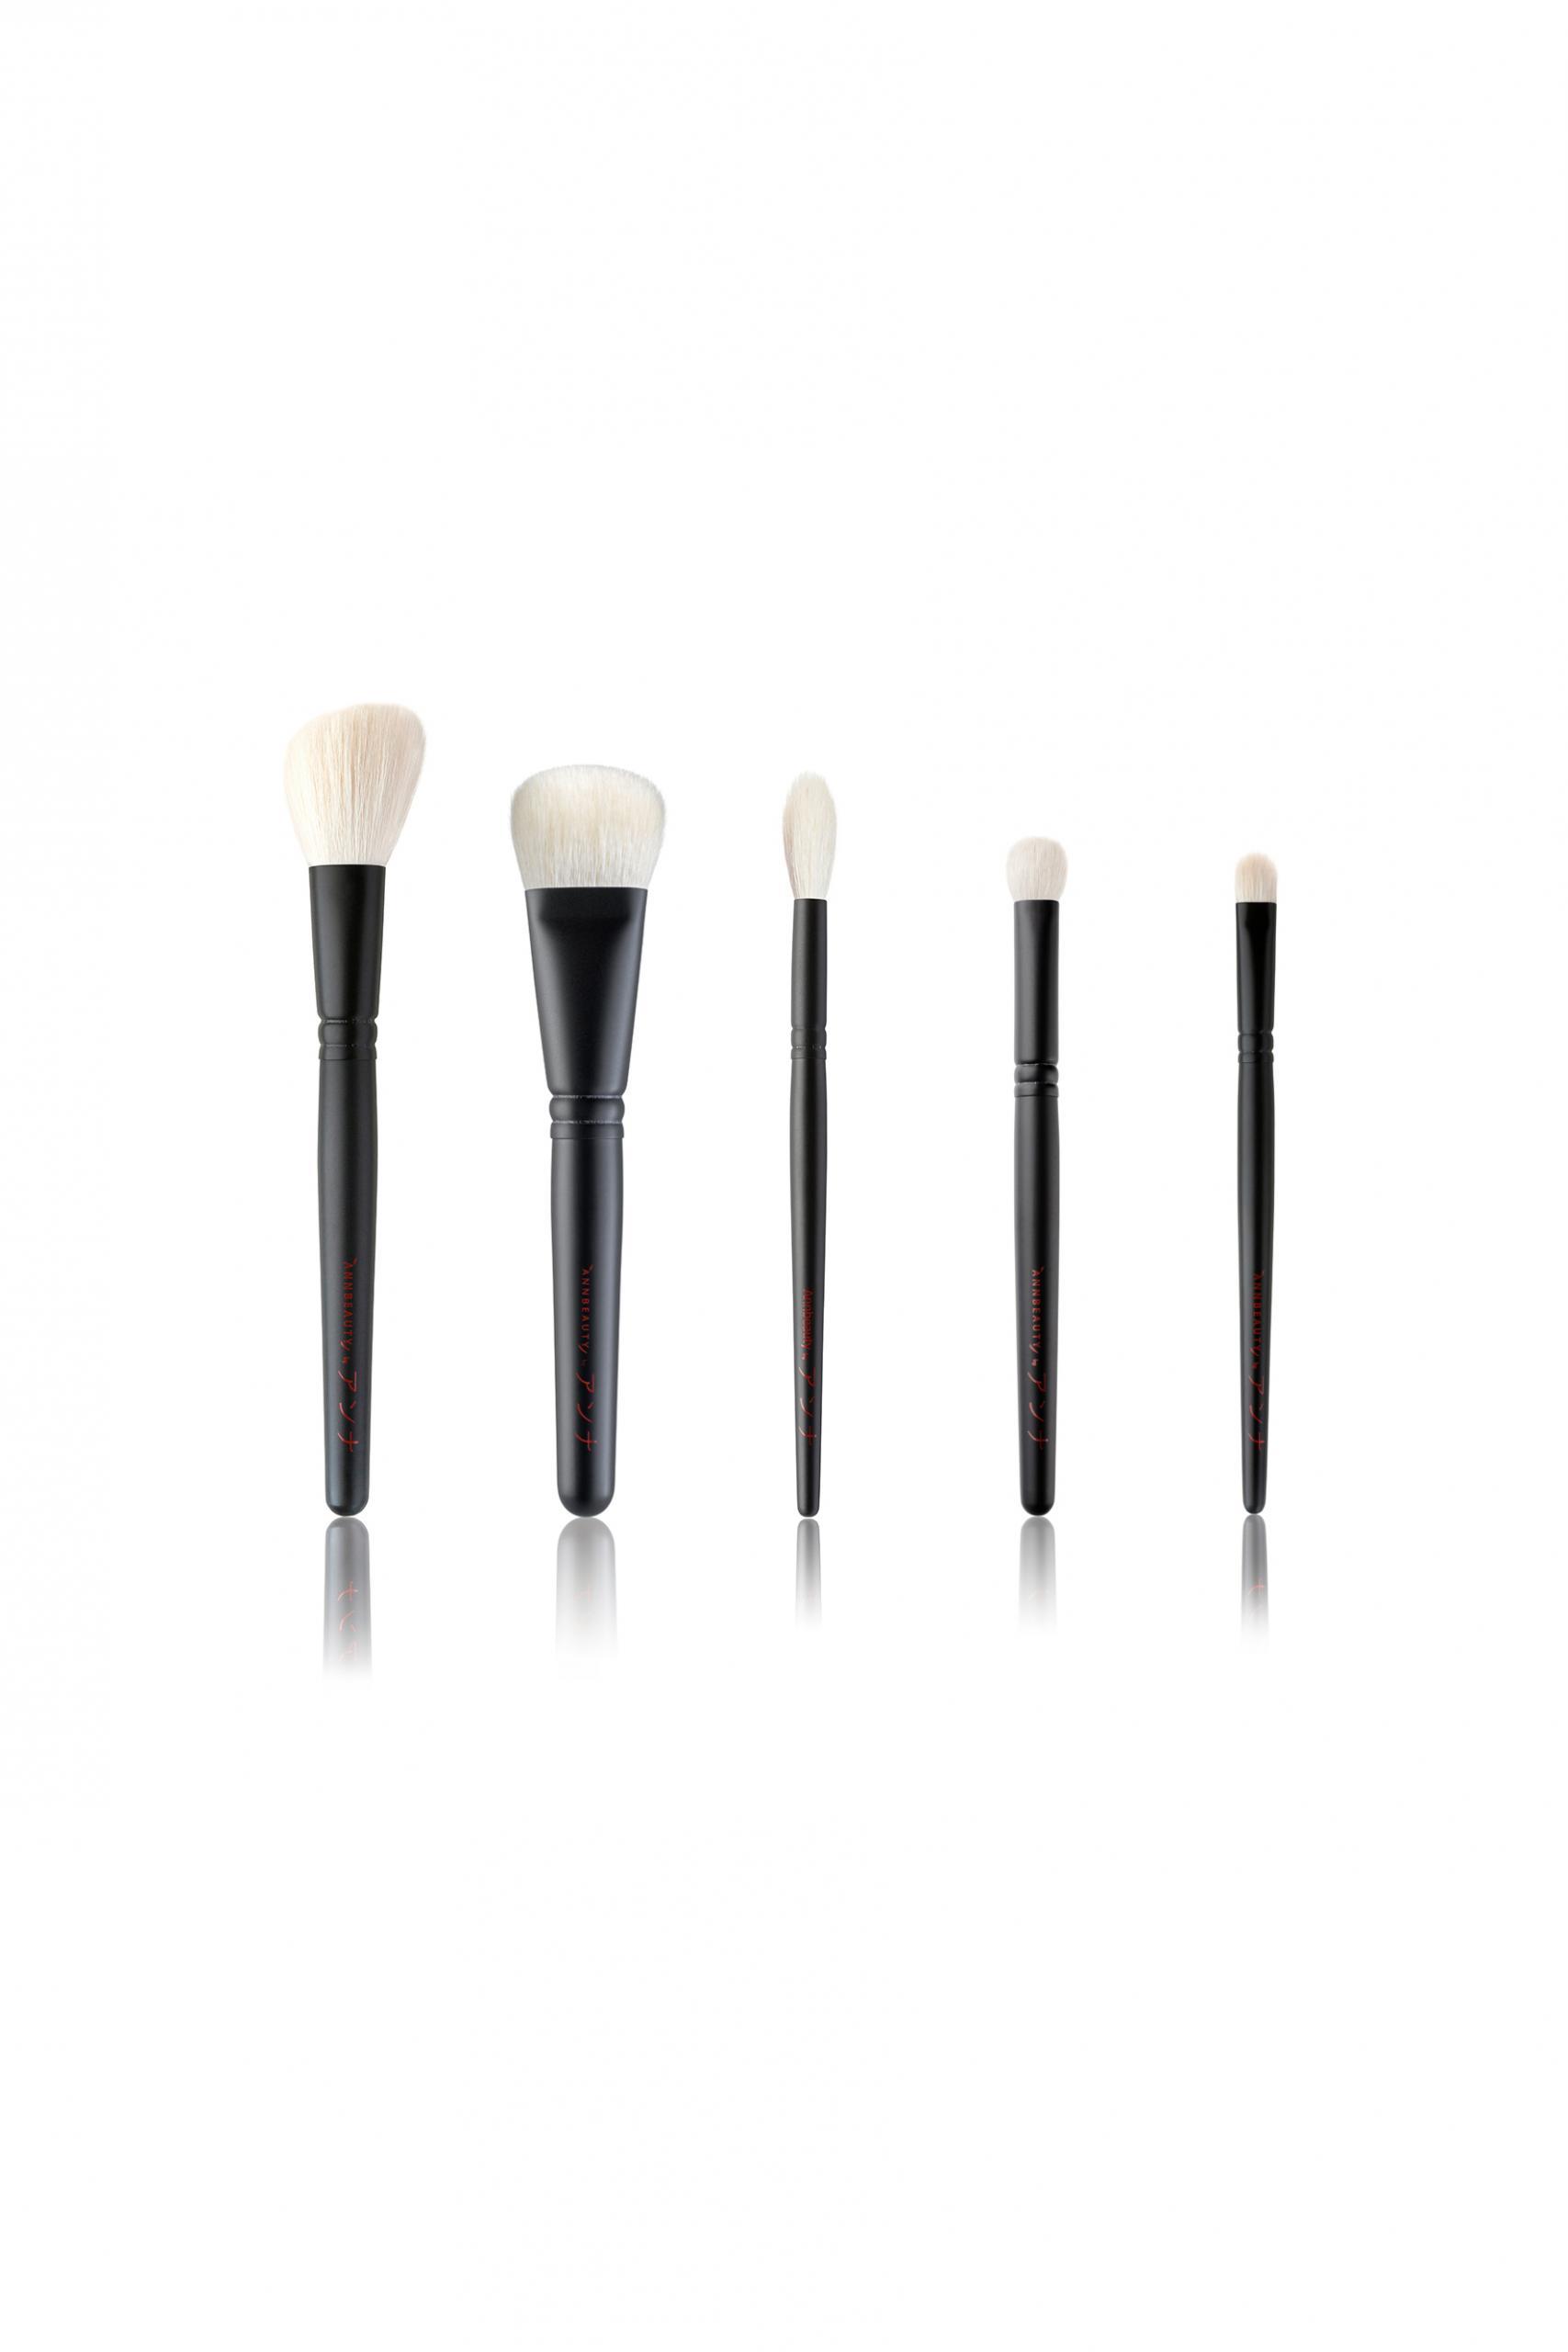 Annbeauty Katakana Beginner Makeup Set